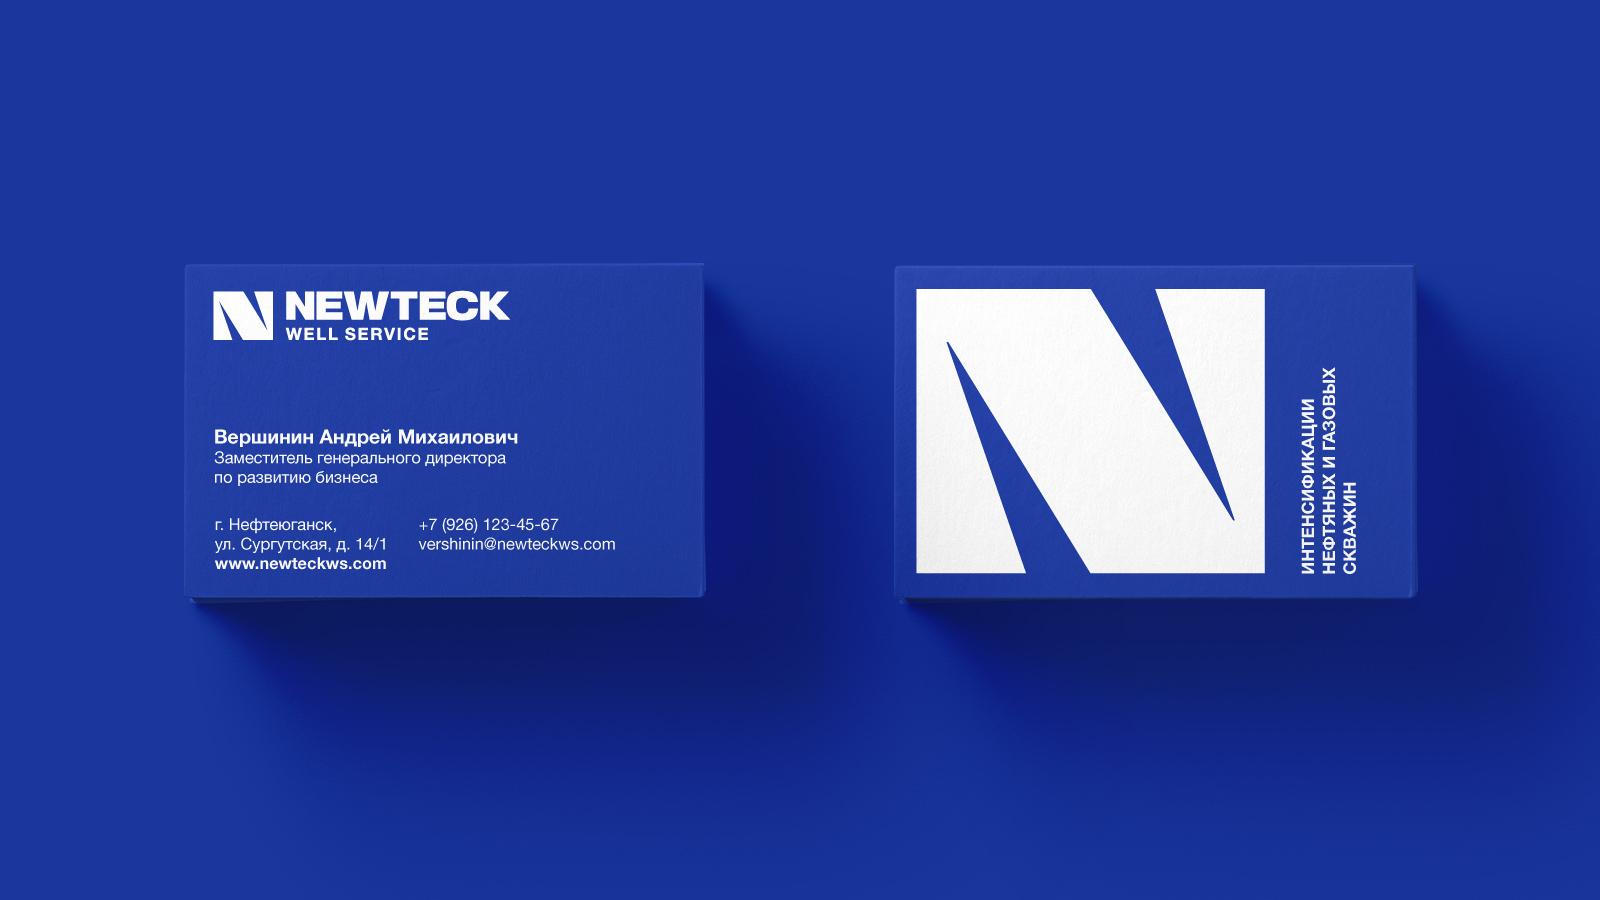 Дизайн логотипа и начертание названия в латинице позволяет бренду эффективнее работать на международном рынке